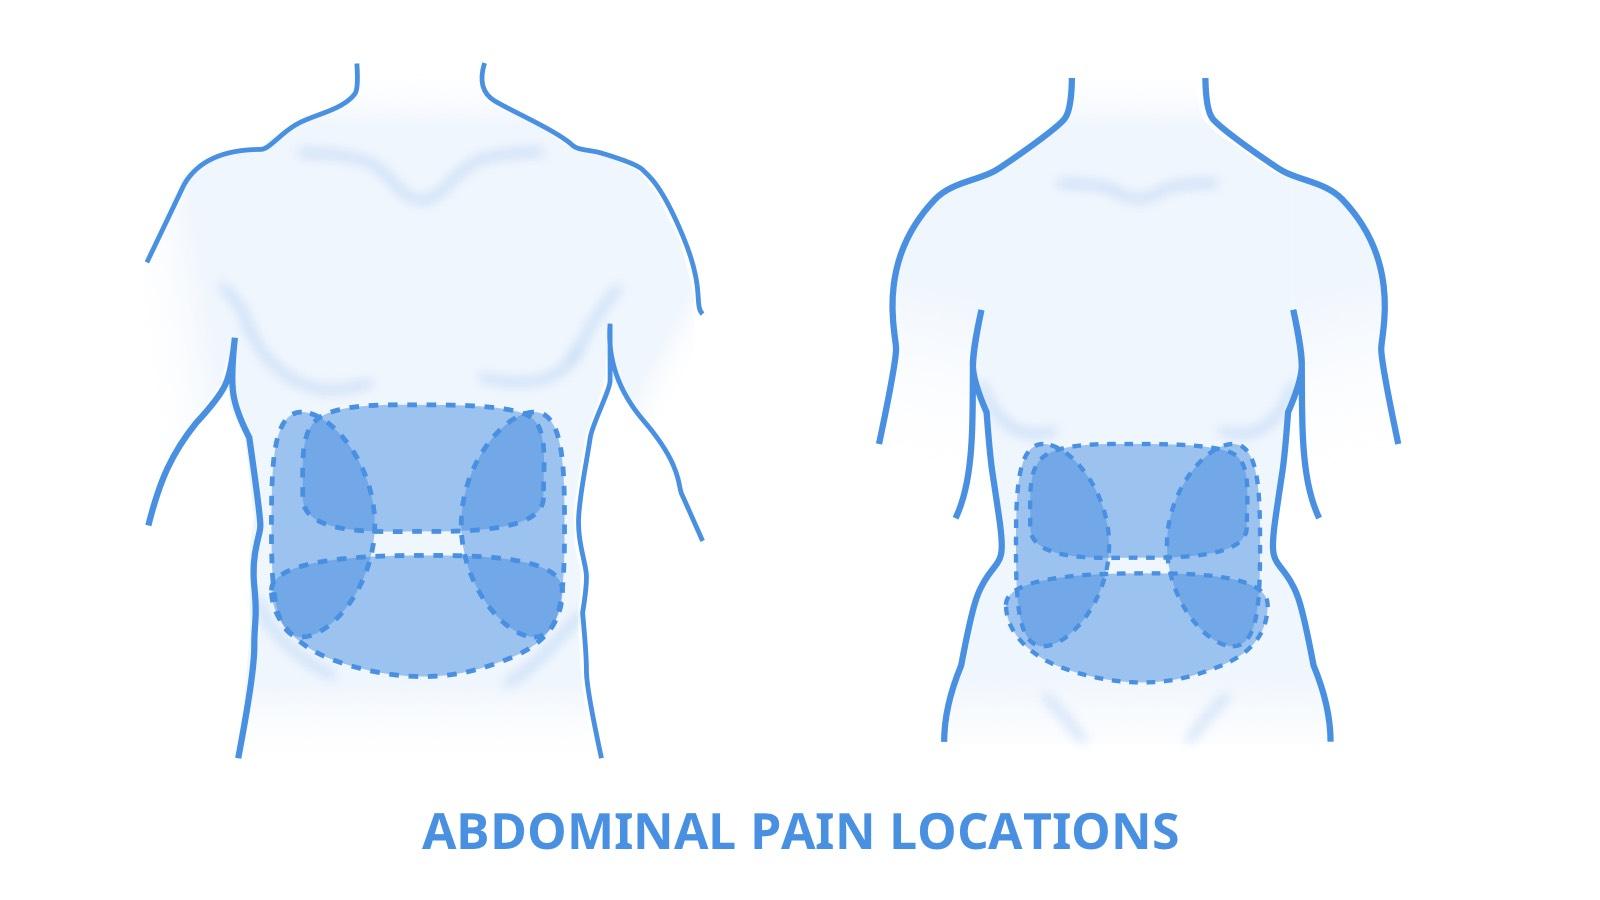 4 प्रकार के पेट दर्द और आप इस स्थिति में क्या कर सकते हैं?